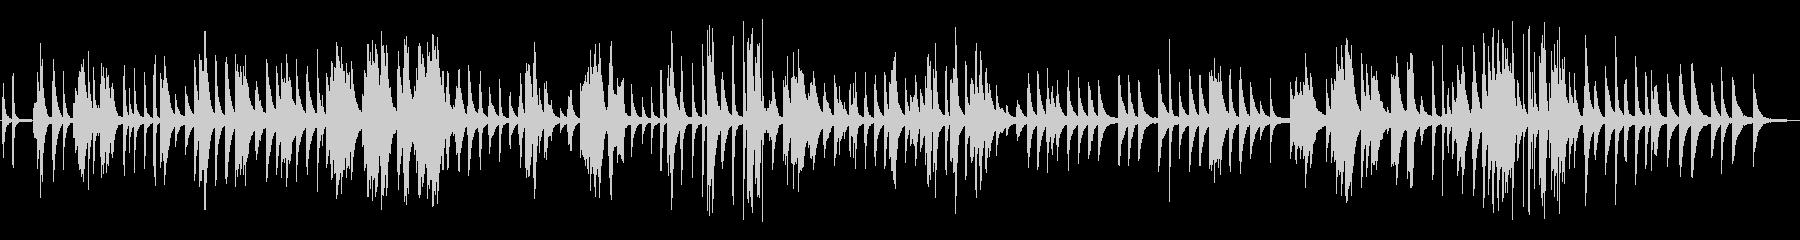 ピアノ楽曲です。24bit,48kHz…の未再生の波形